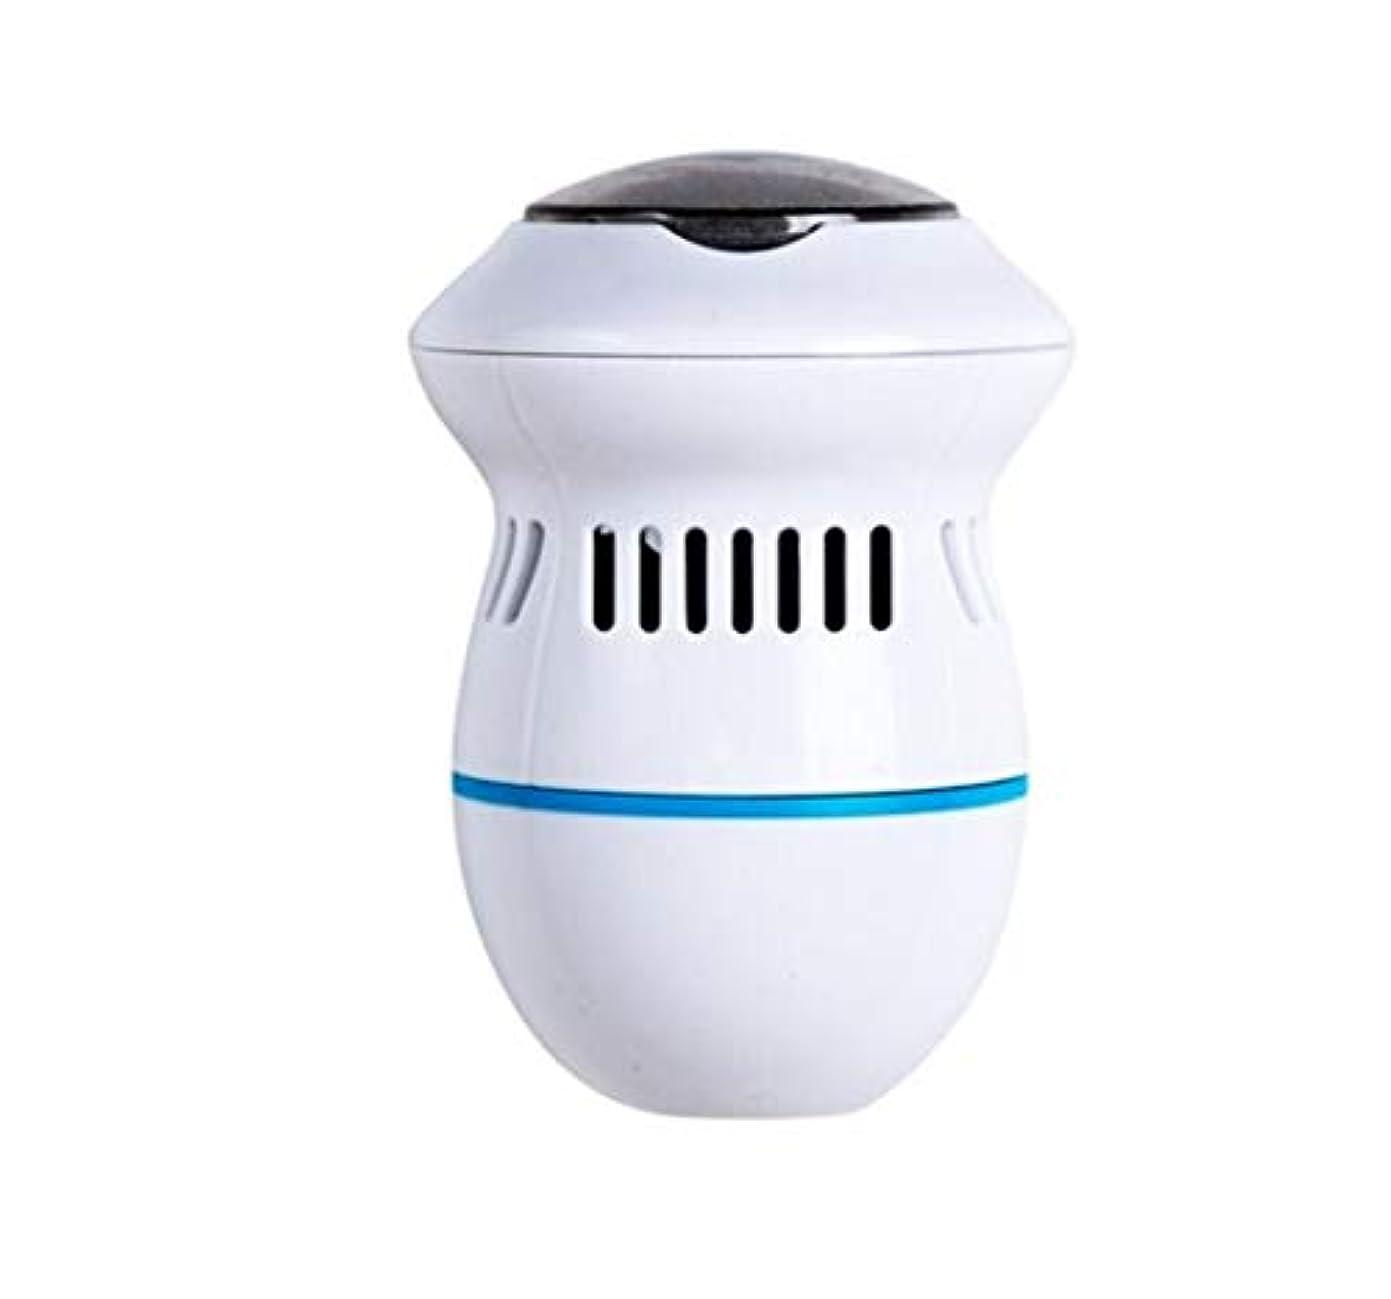 デッドに対して元気Qiaoxianpo01 エレクトリックフットペディキュアペディキュア、フットストーンデッドスキン旧ナイフペディキュアペディキュアヒール、分割ヒールと死んだ皮膚に適し ,より速い足 (Color : White)